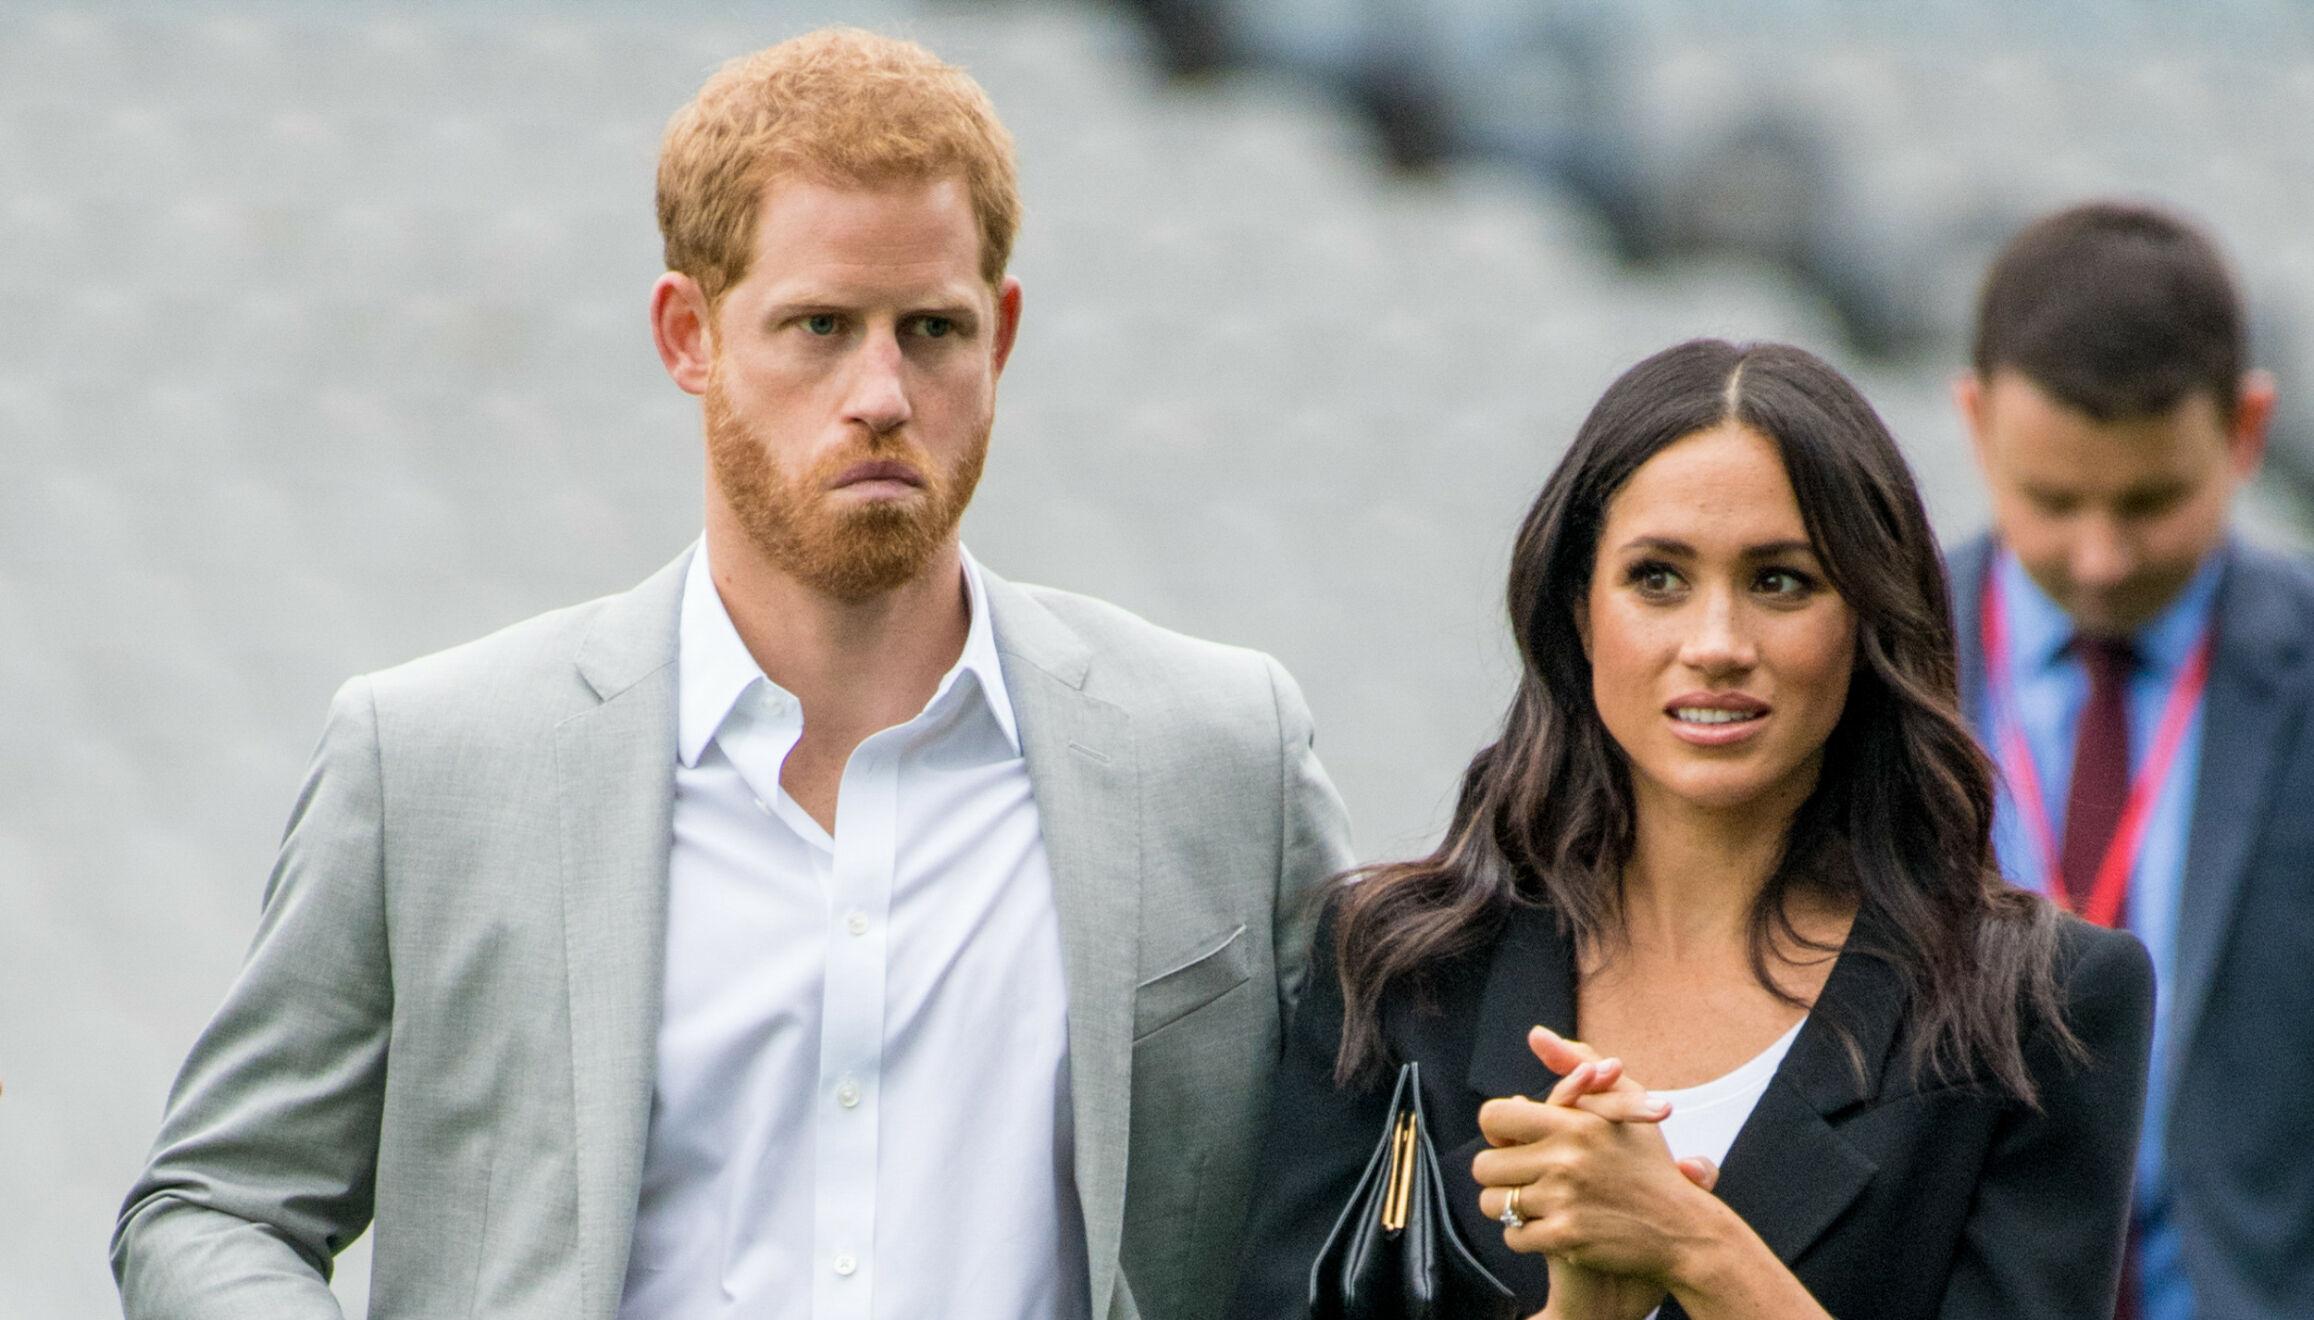 MØTER MOTSTAND: Prins Harry og hertuginne Meghan møter kraftig motstand etter å ha lagt seg ut med begge sider av familien. Paret skal utgi fire bøker - en etter dronning Elizabeth er død. Dette vekker sterke reaksjoner. Foto: NTB.